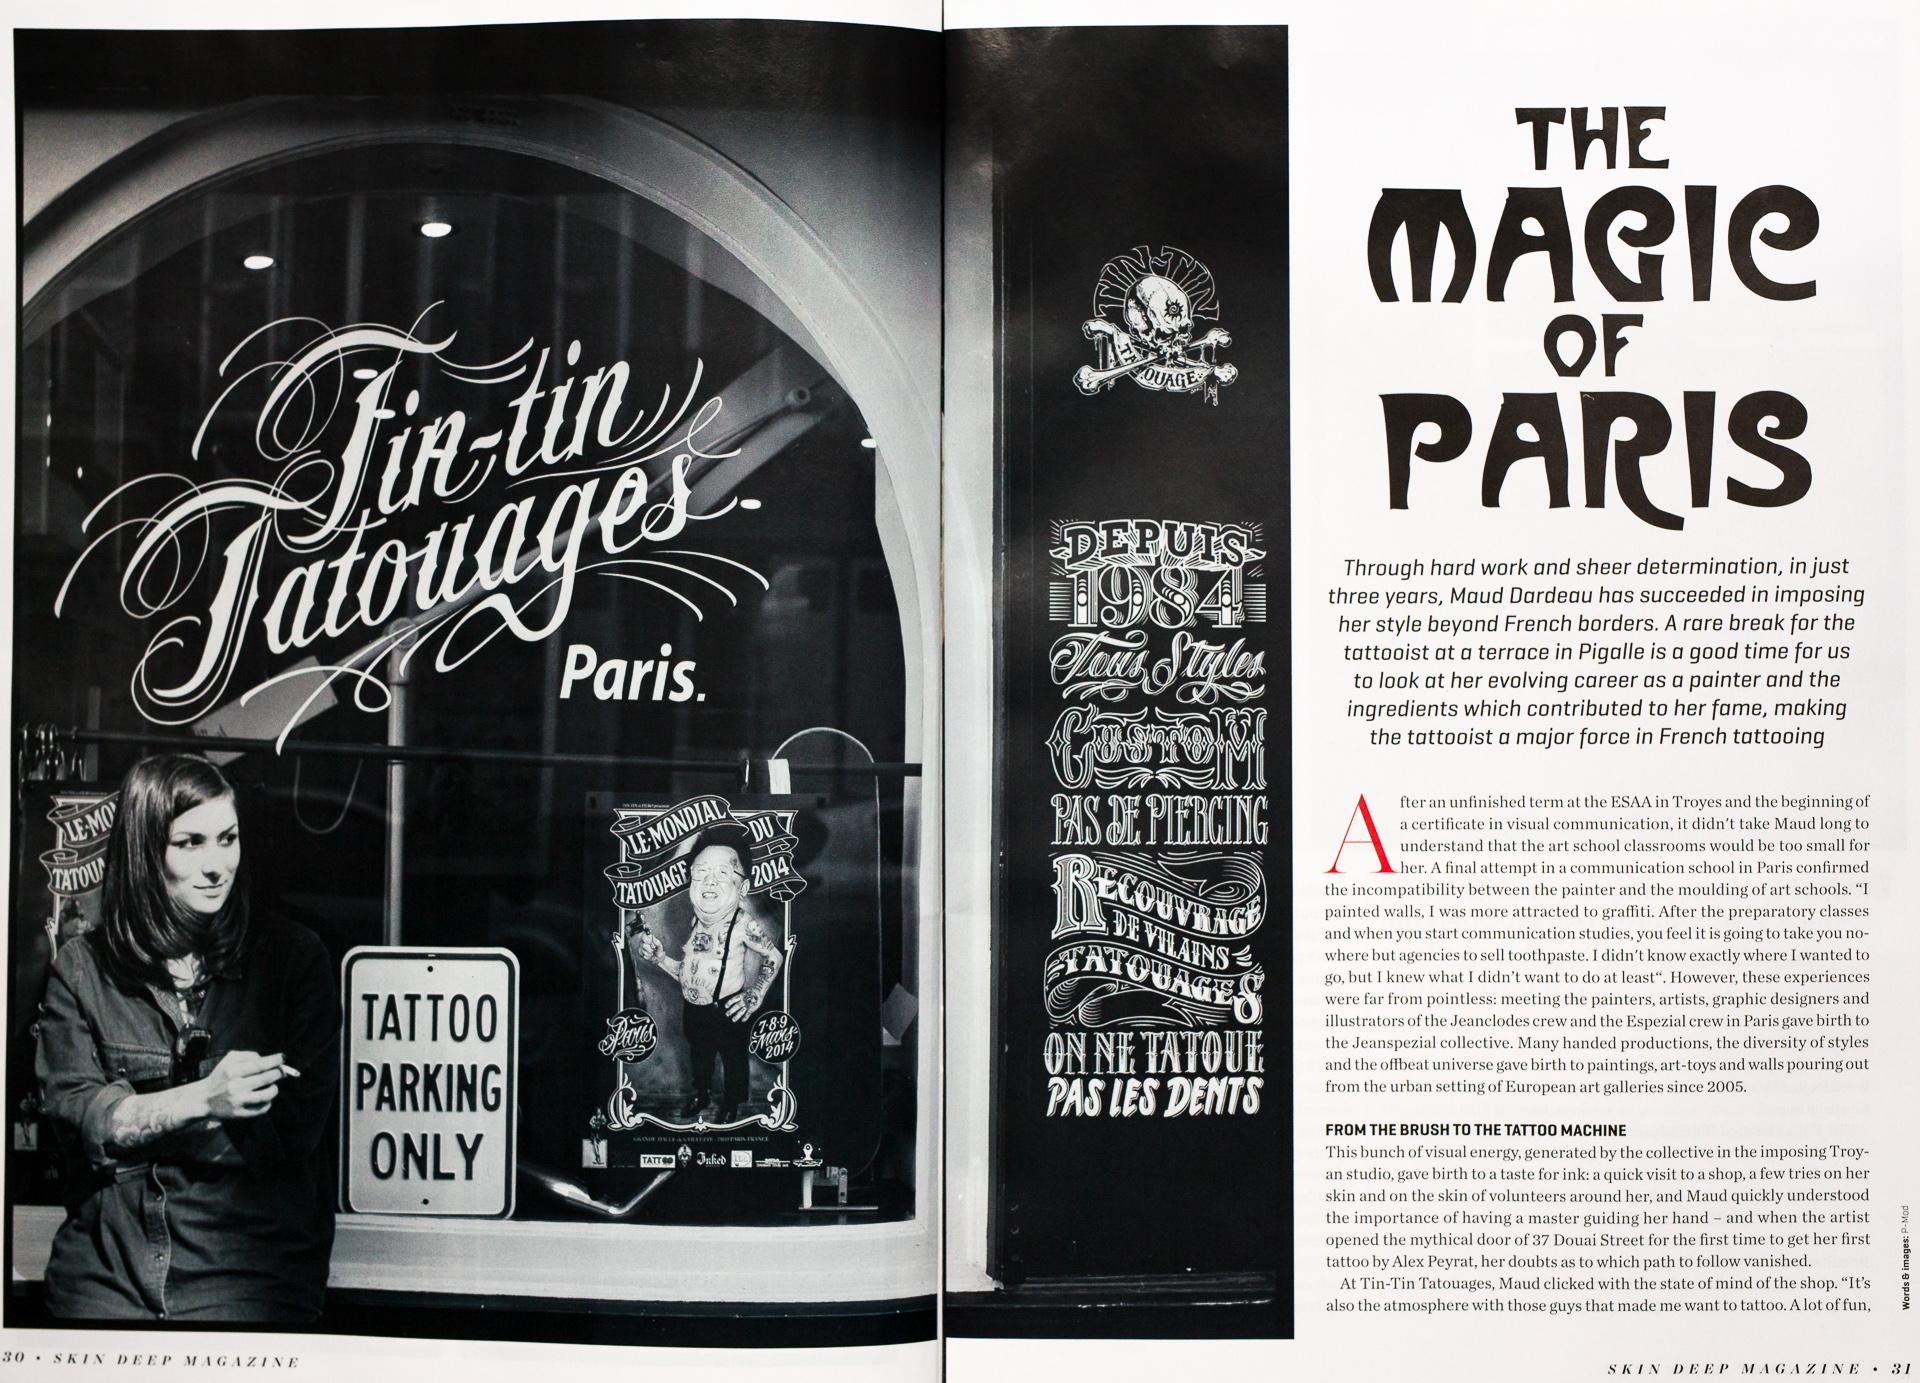 SkinDeep feb 2016 - Maud Dardeau, The magic of Paris